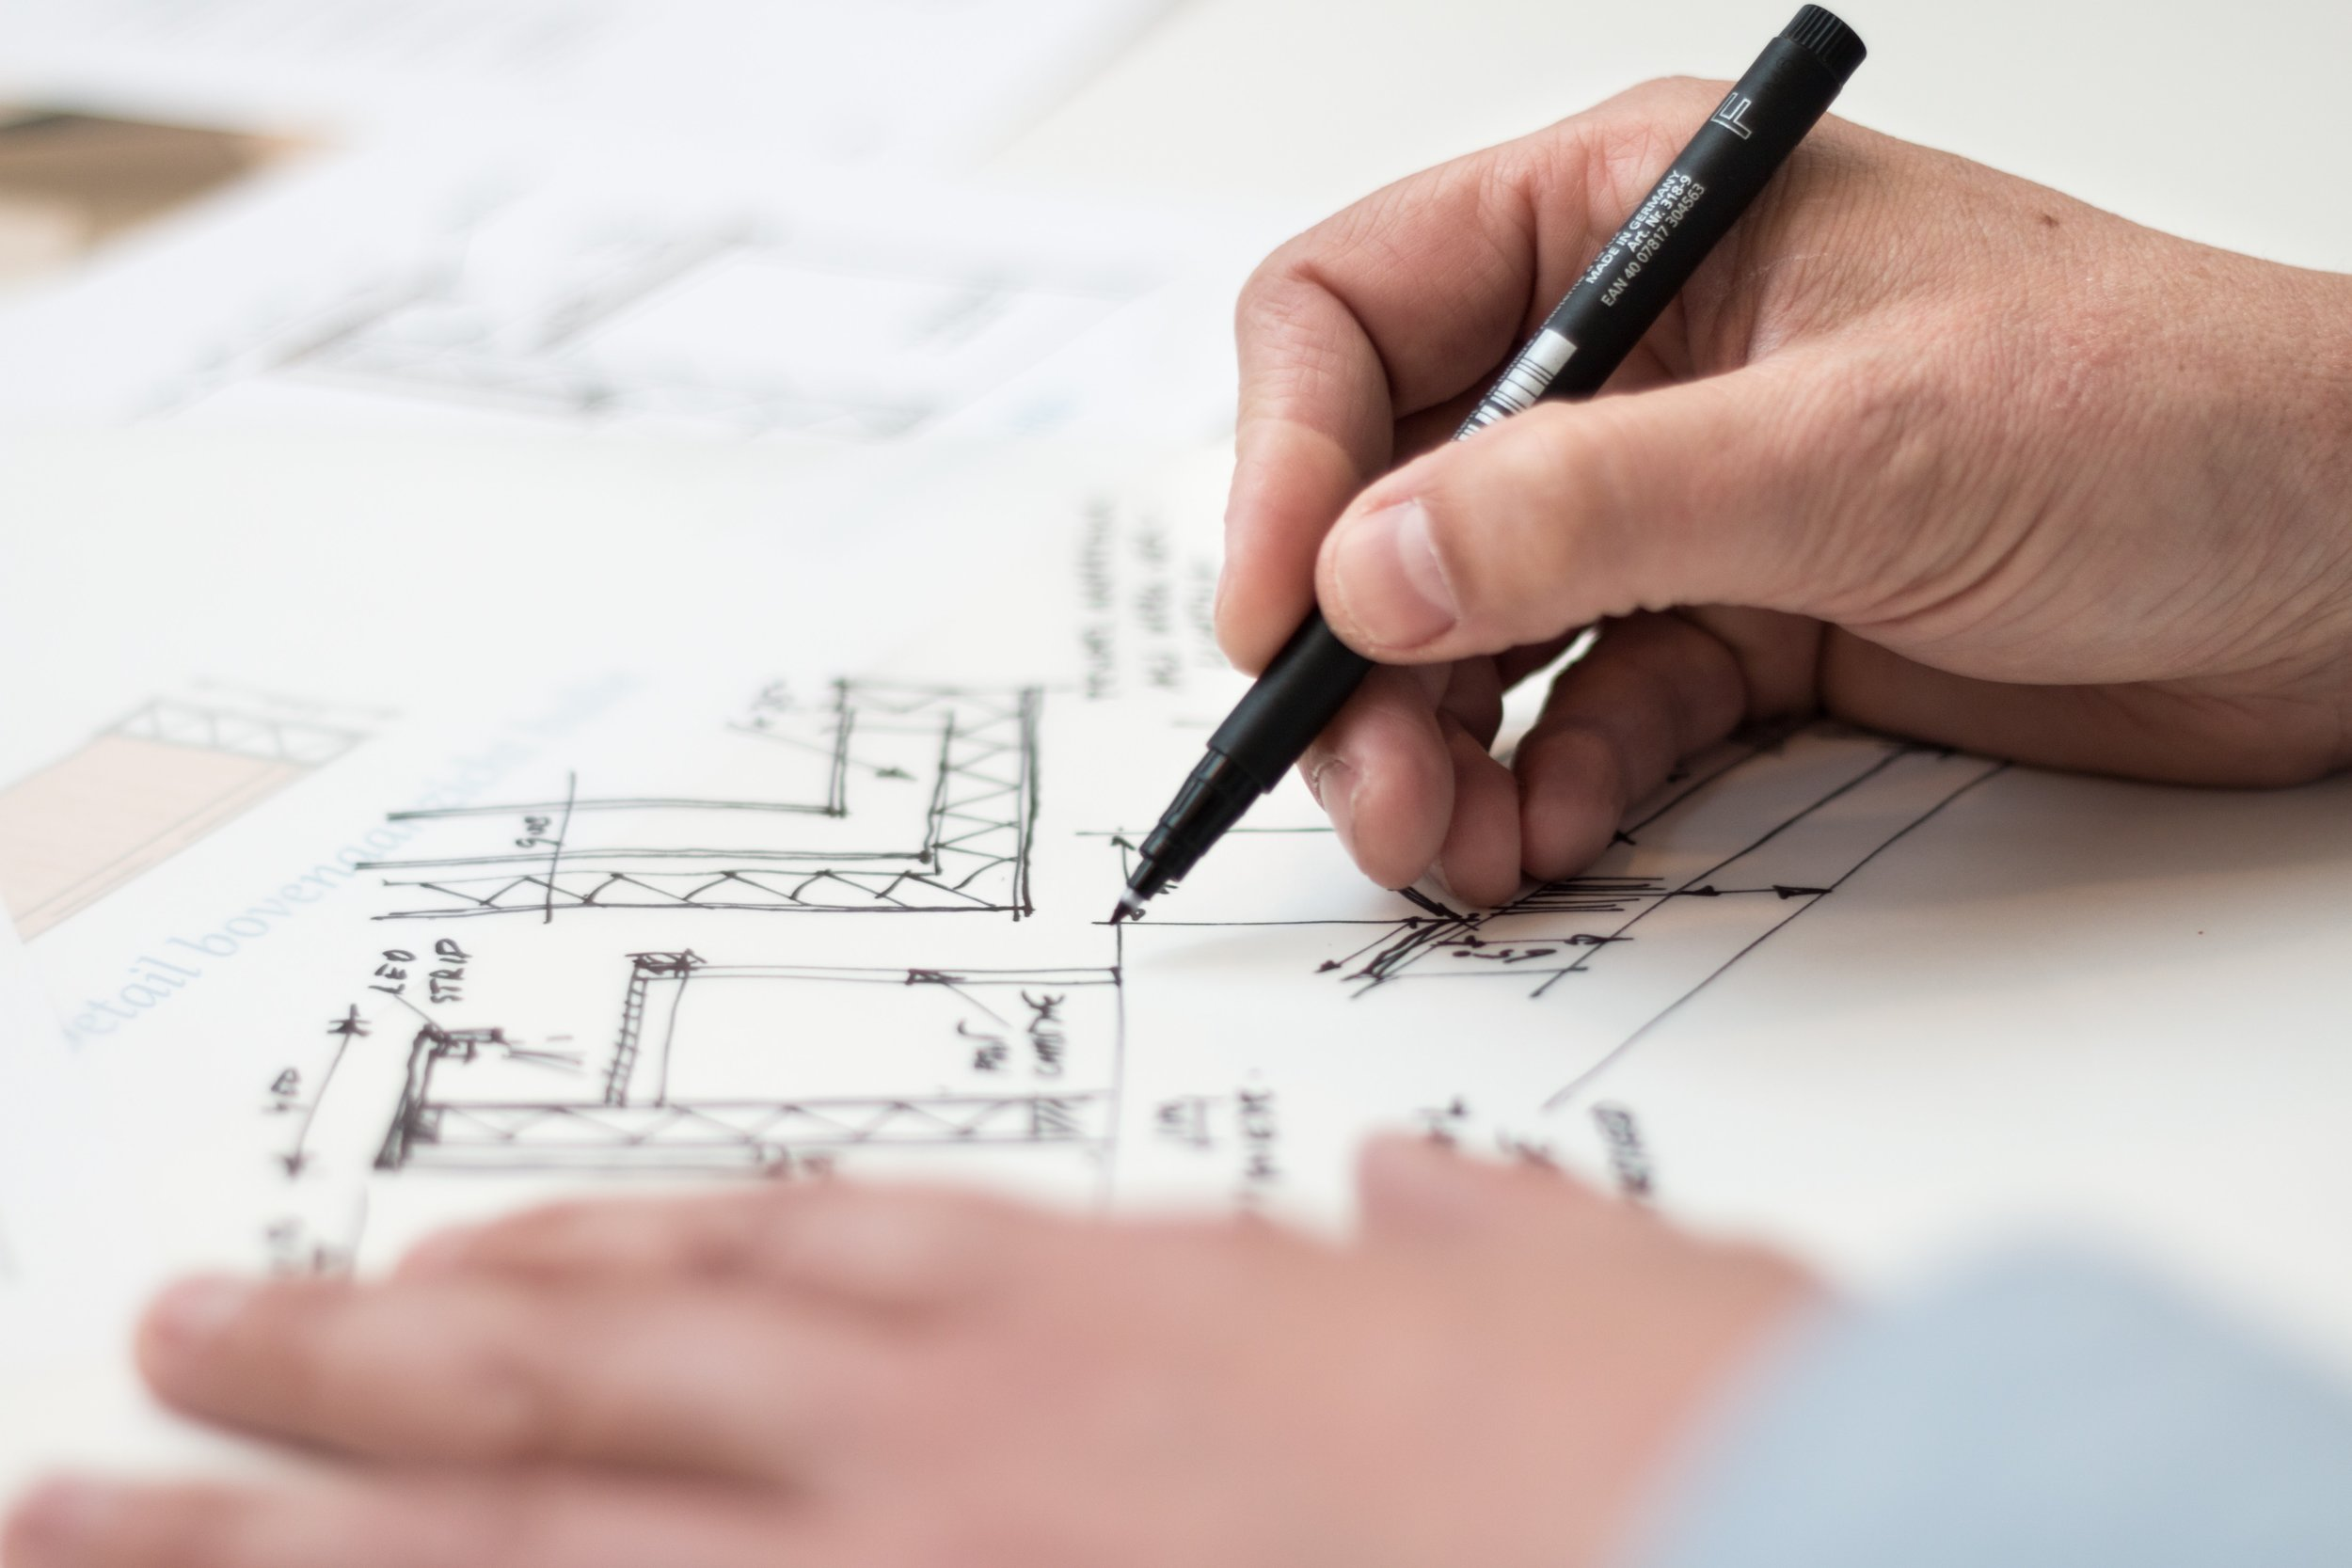 - Design/Build